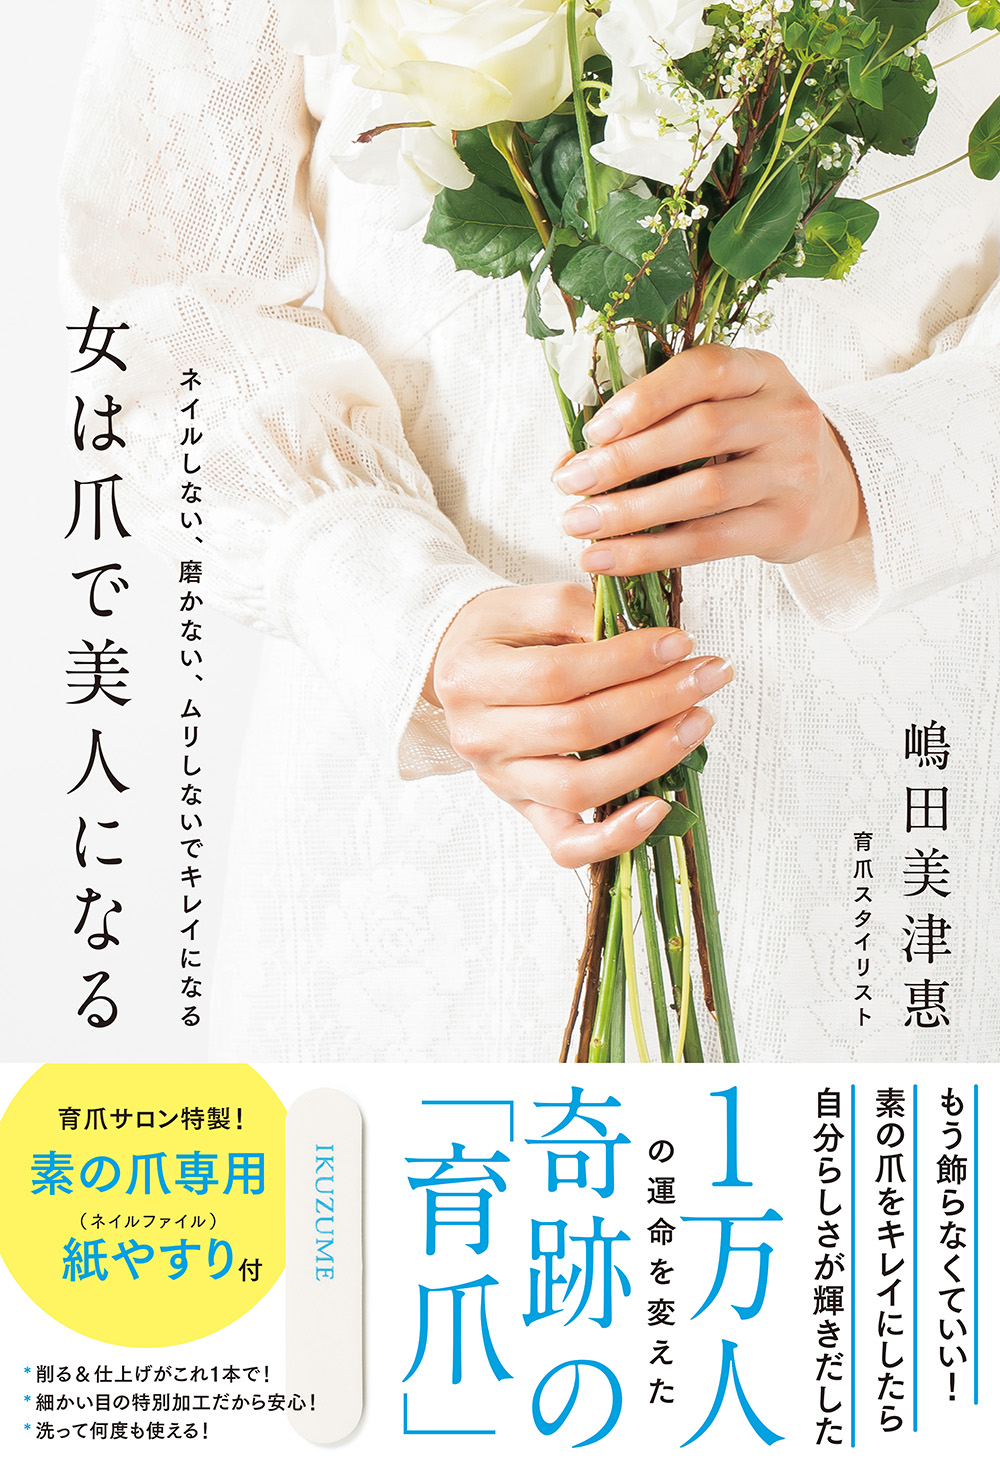 女は爪で美人になる-育爪のススメ2